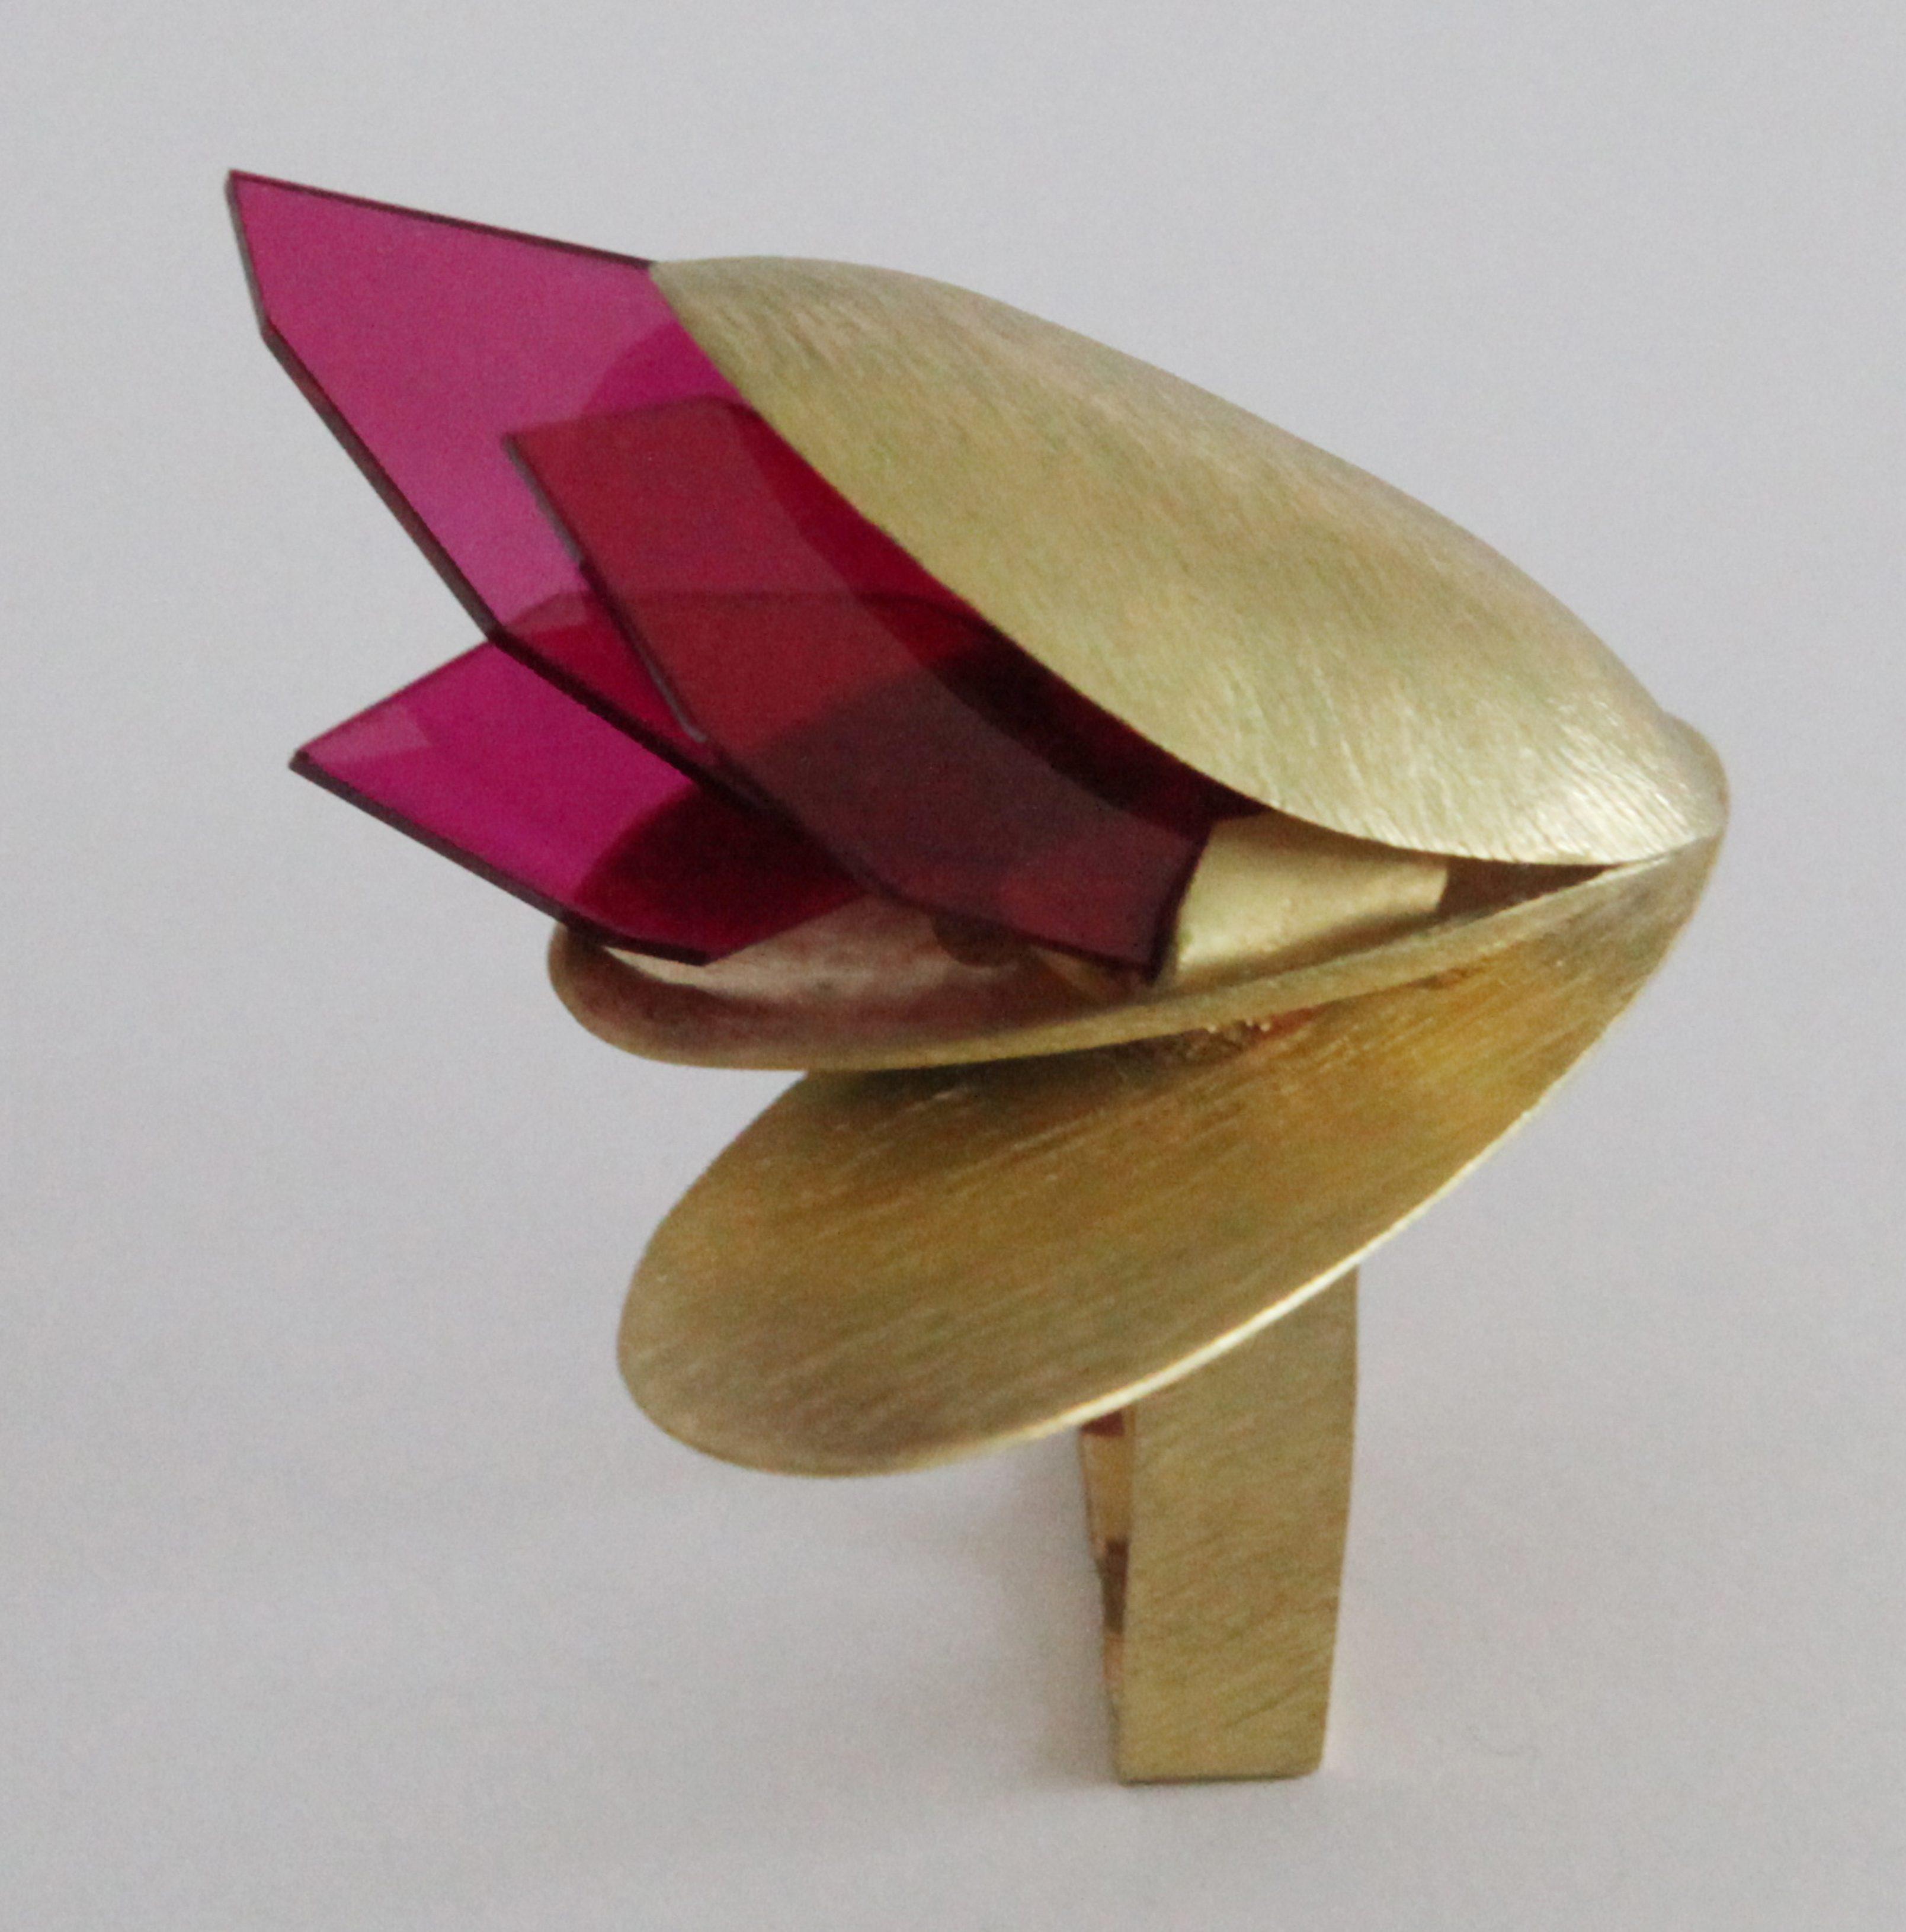 Alberto Zorzi, La Città, ring, 2018, goud, synthetische robijn